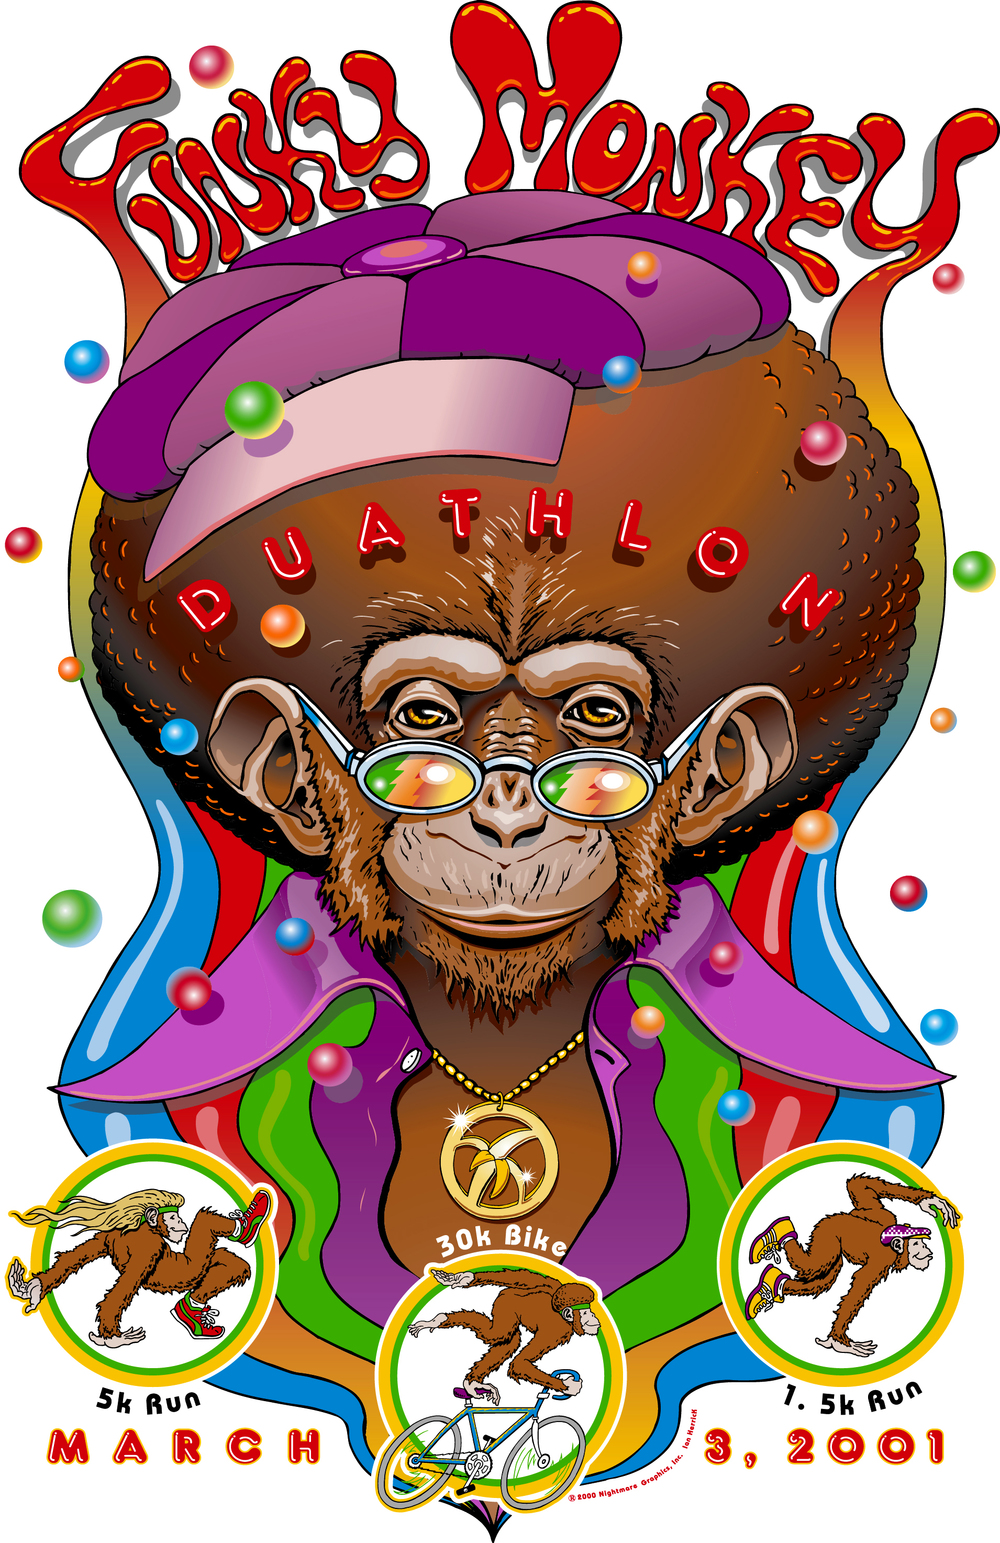 Funky Monkey Duathlon 2001